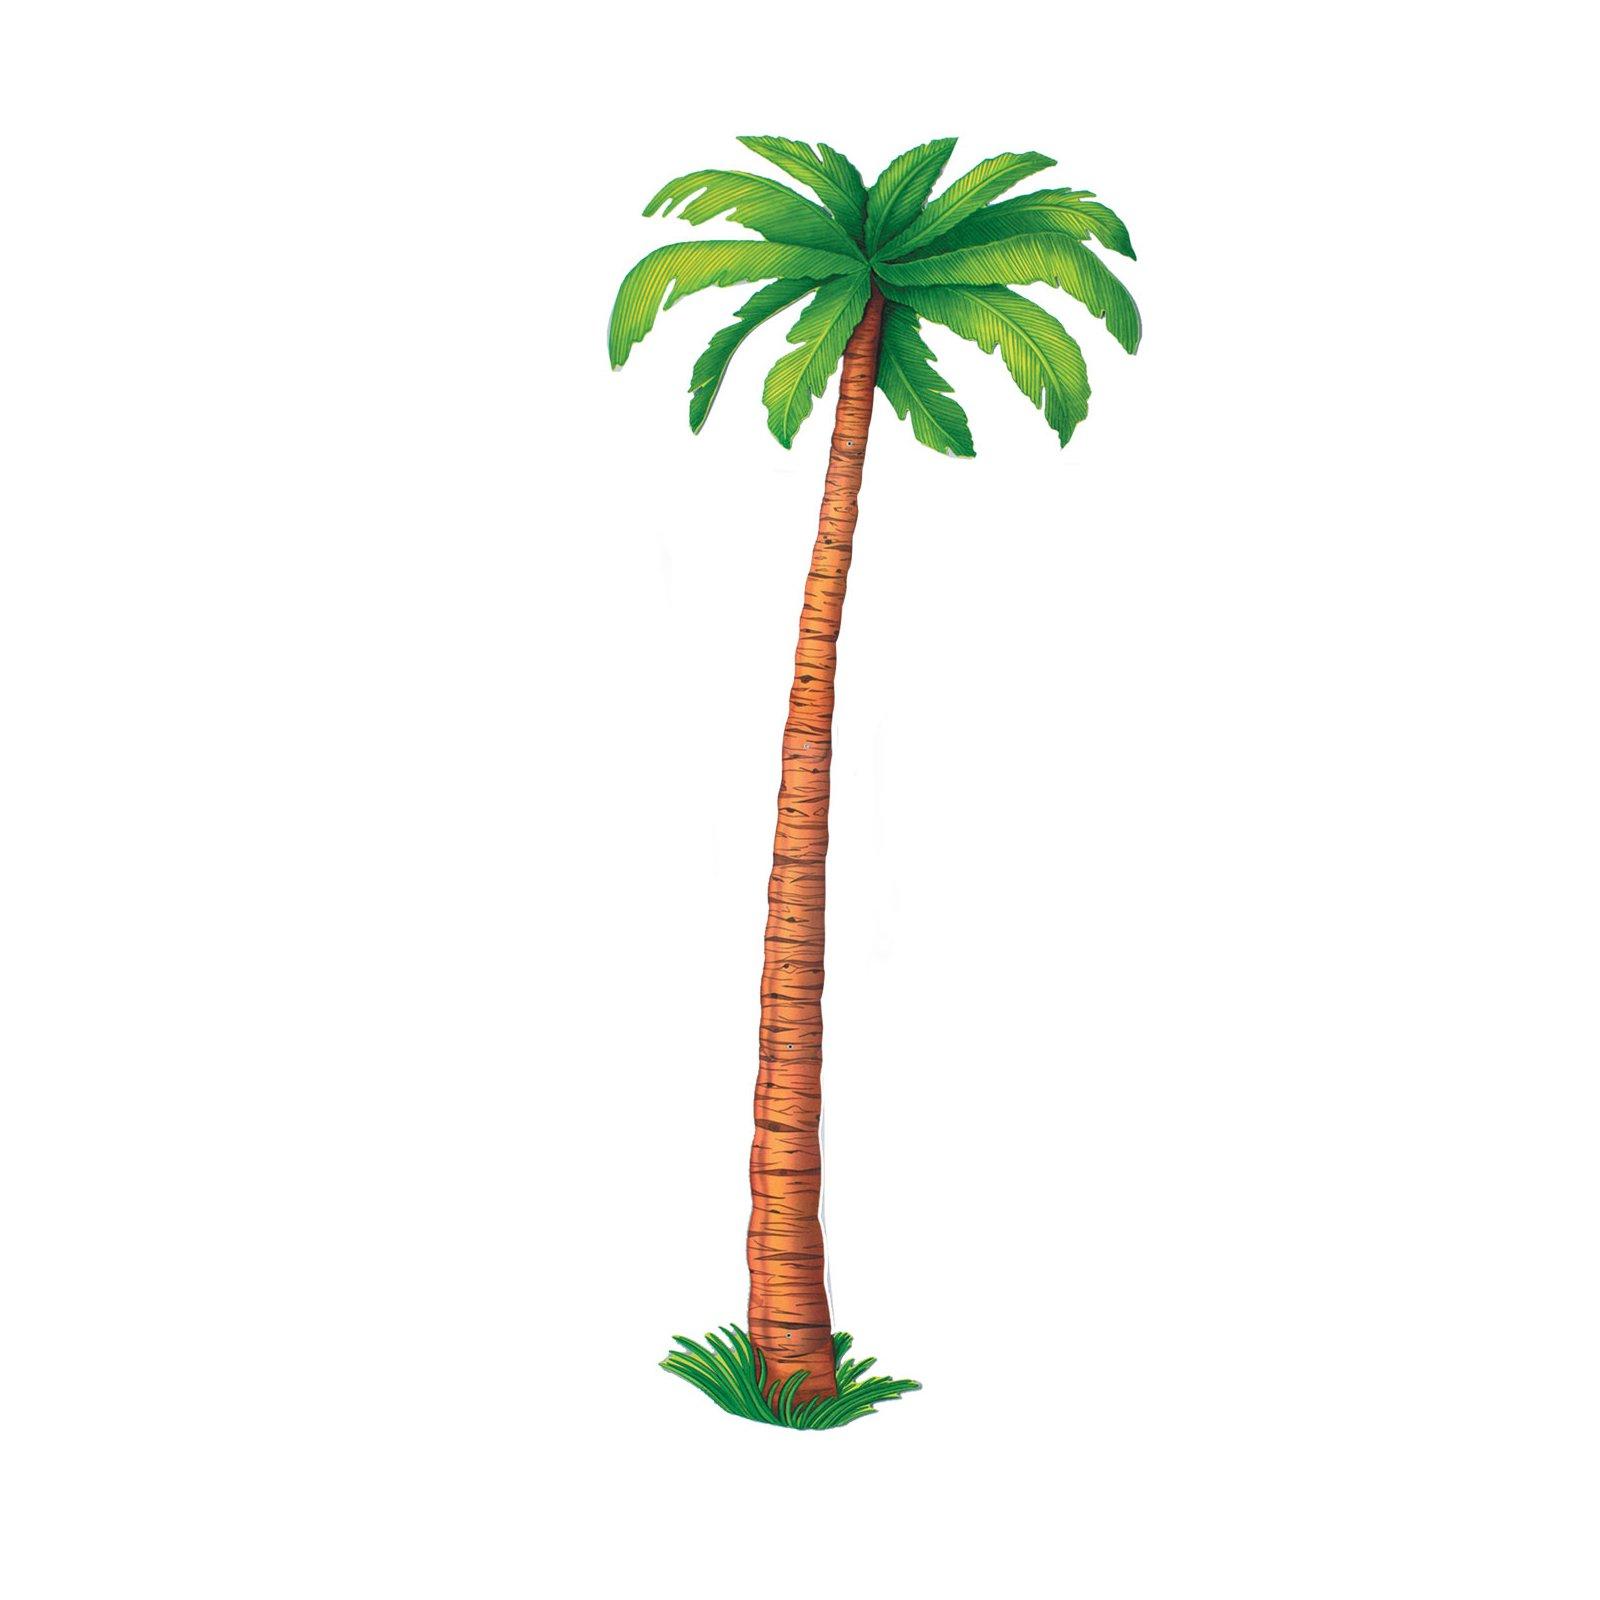 Пальма из бумаги своими руками фото